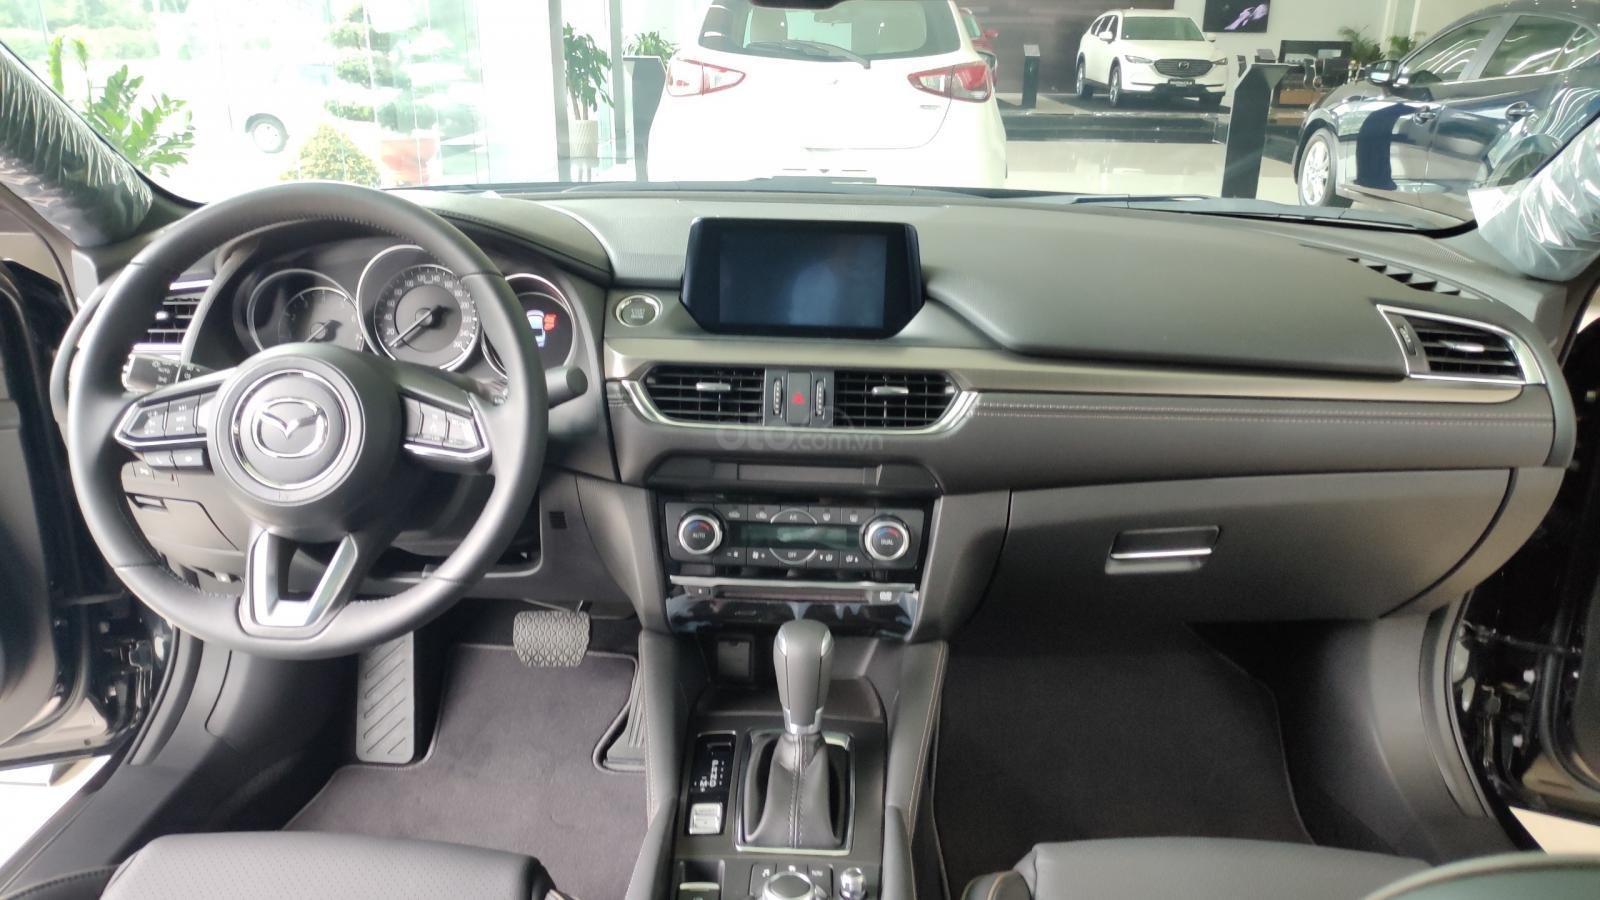 Bán Mazda 6 sedan, tặng bảo hiểm vật chất thân xe 1 năm (4)